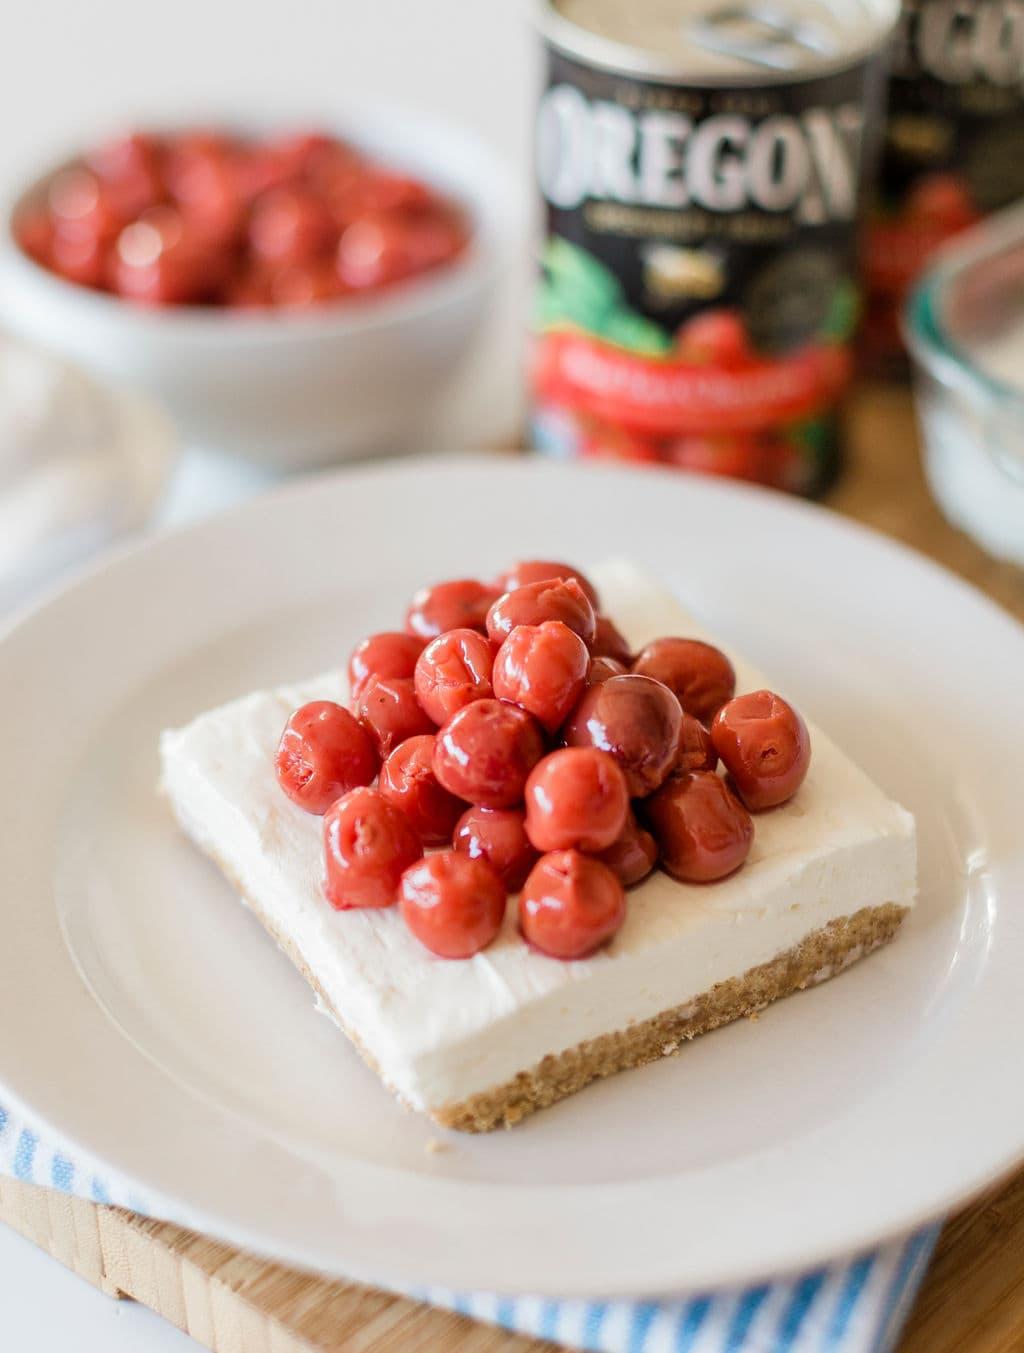 Red Tart Cherry Delight